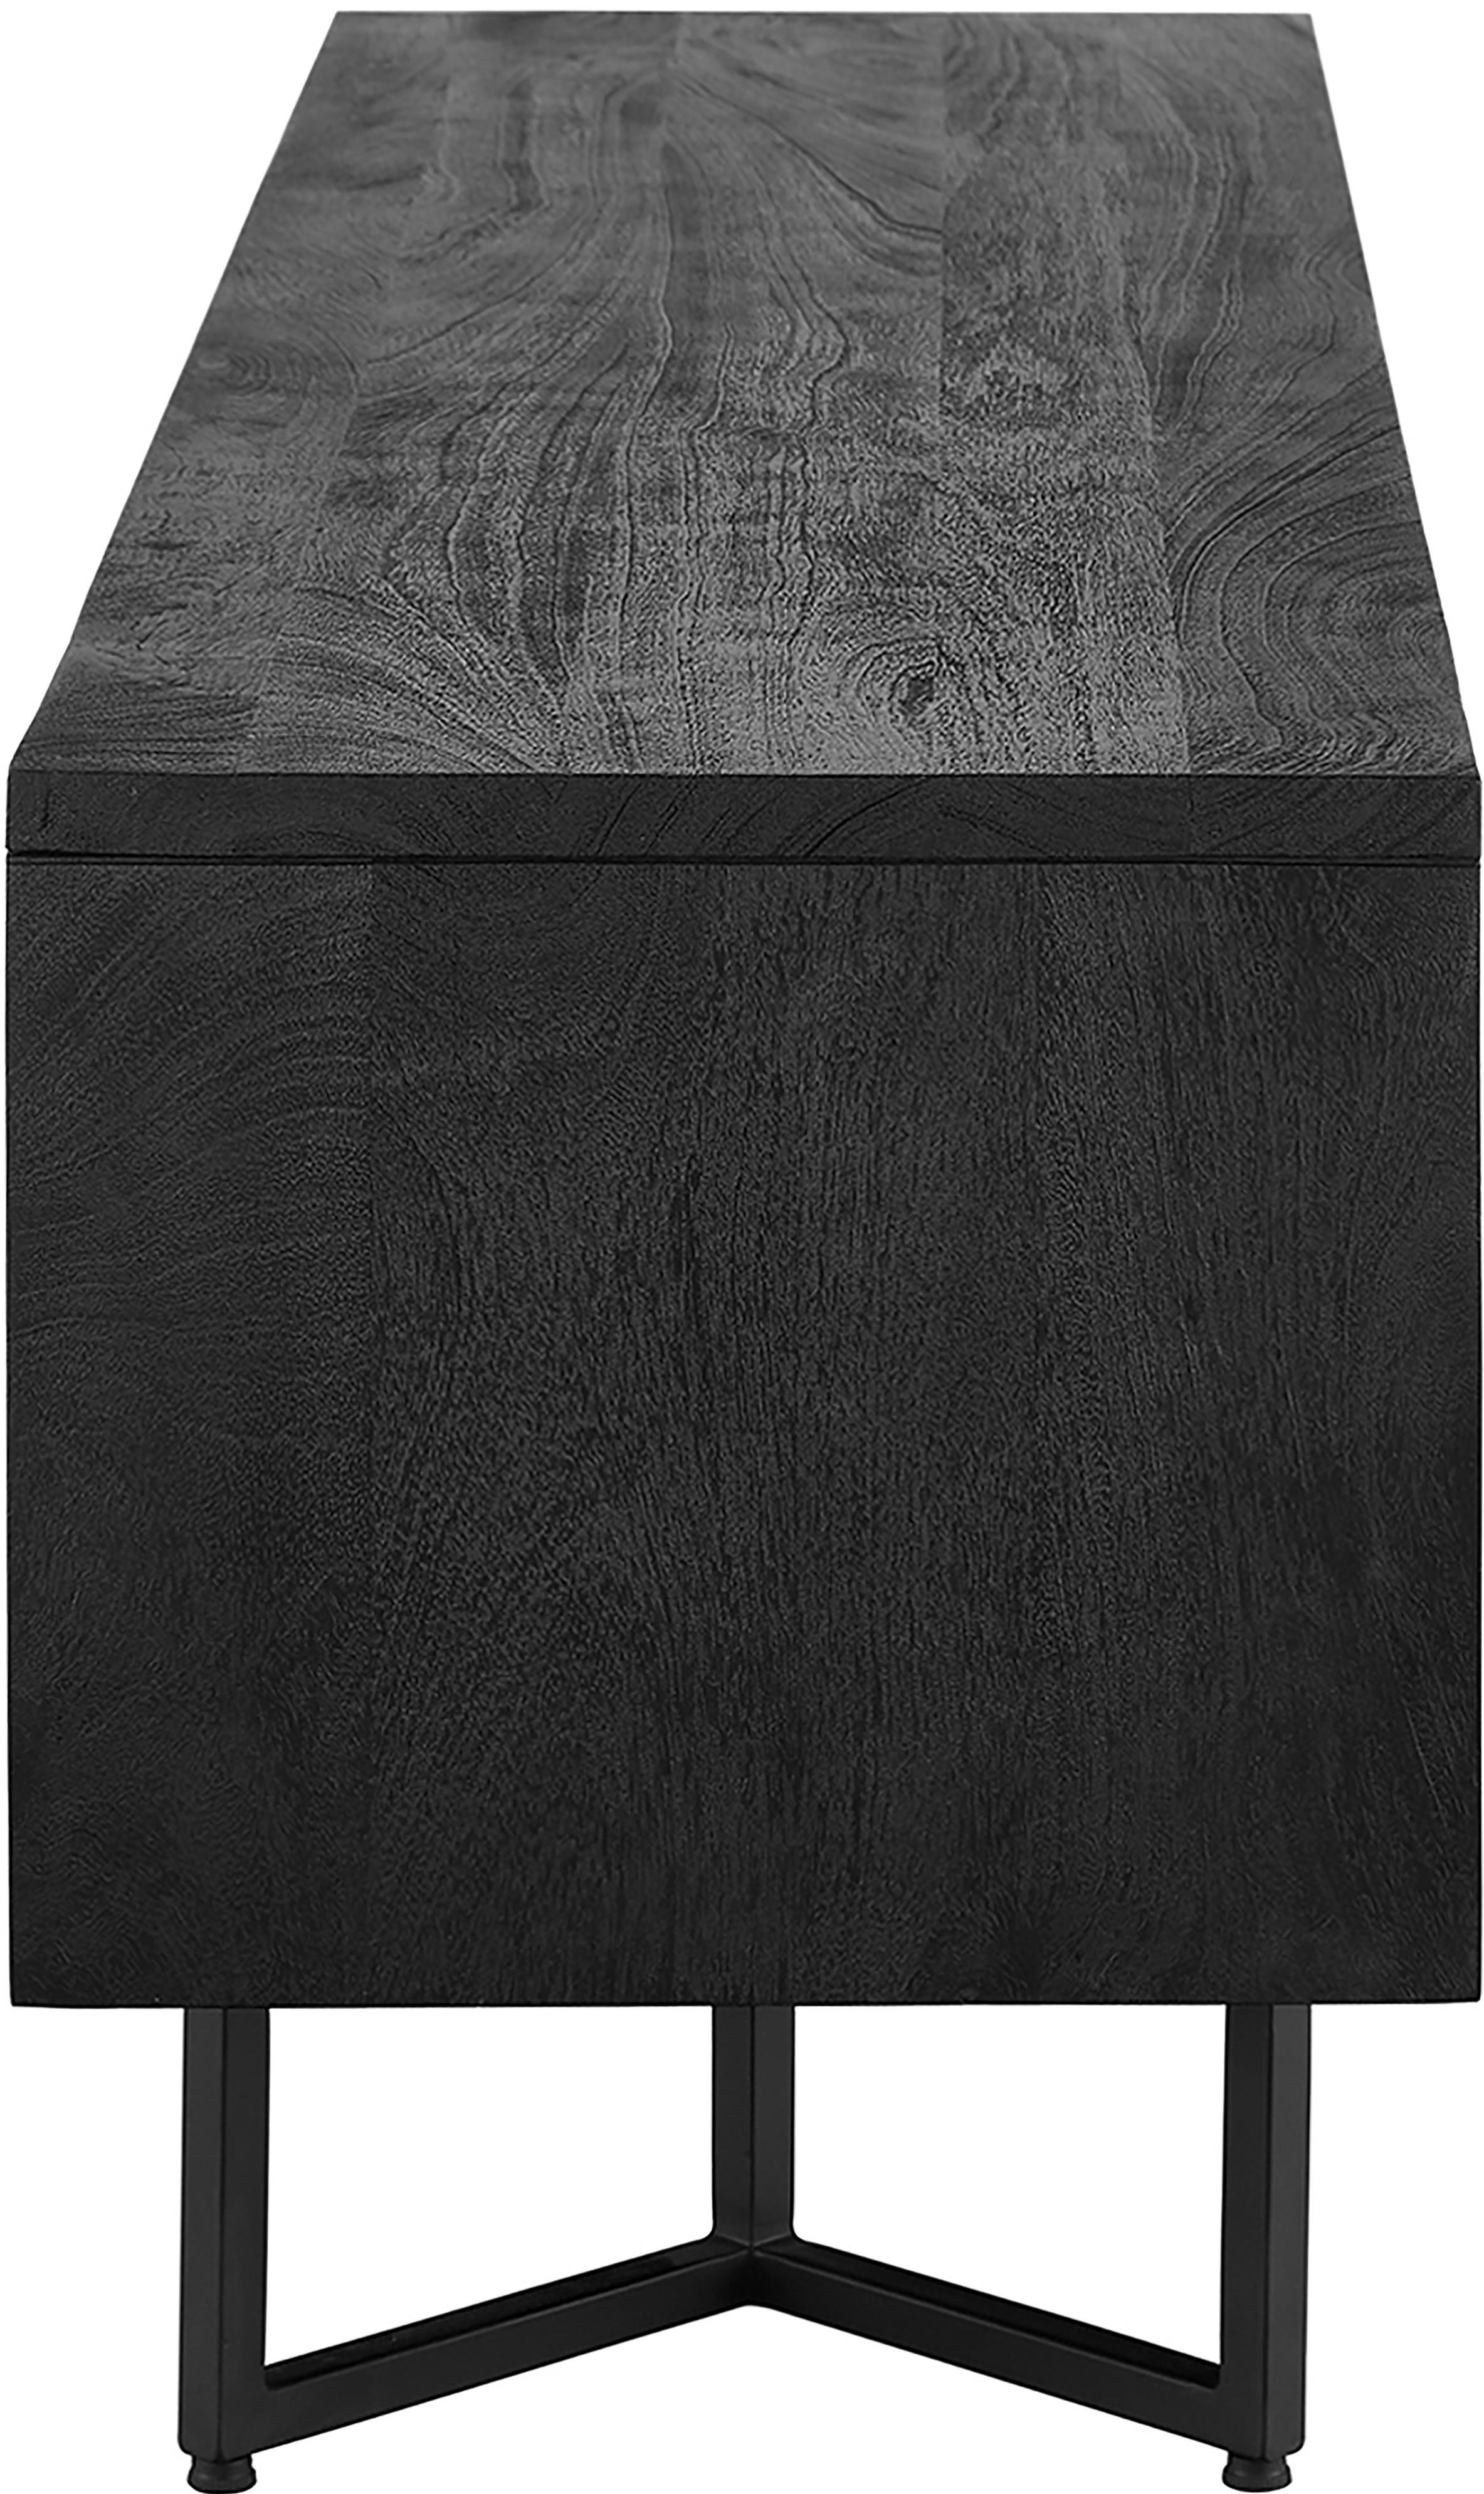 Credenza in legno massello Luca, Struttura: metallo verniciato a polv, Corpo: nero verniciato Struttura: nero opaco, Larg. 180 x Alt. 54 cm